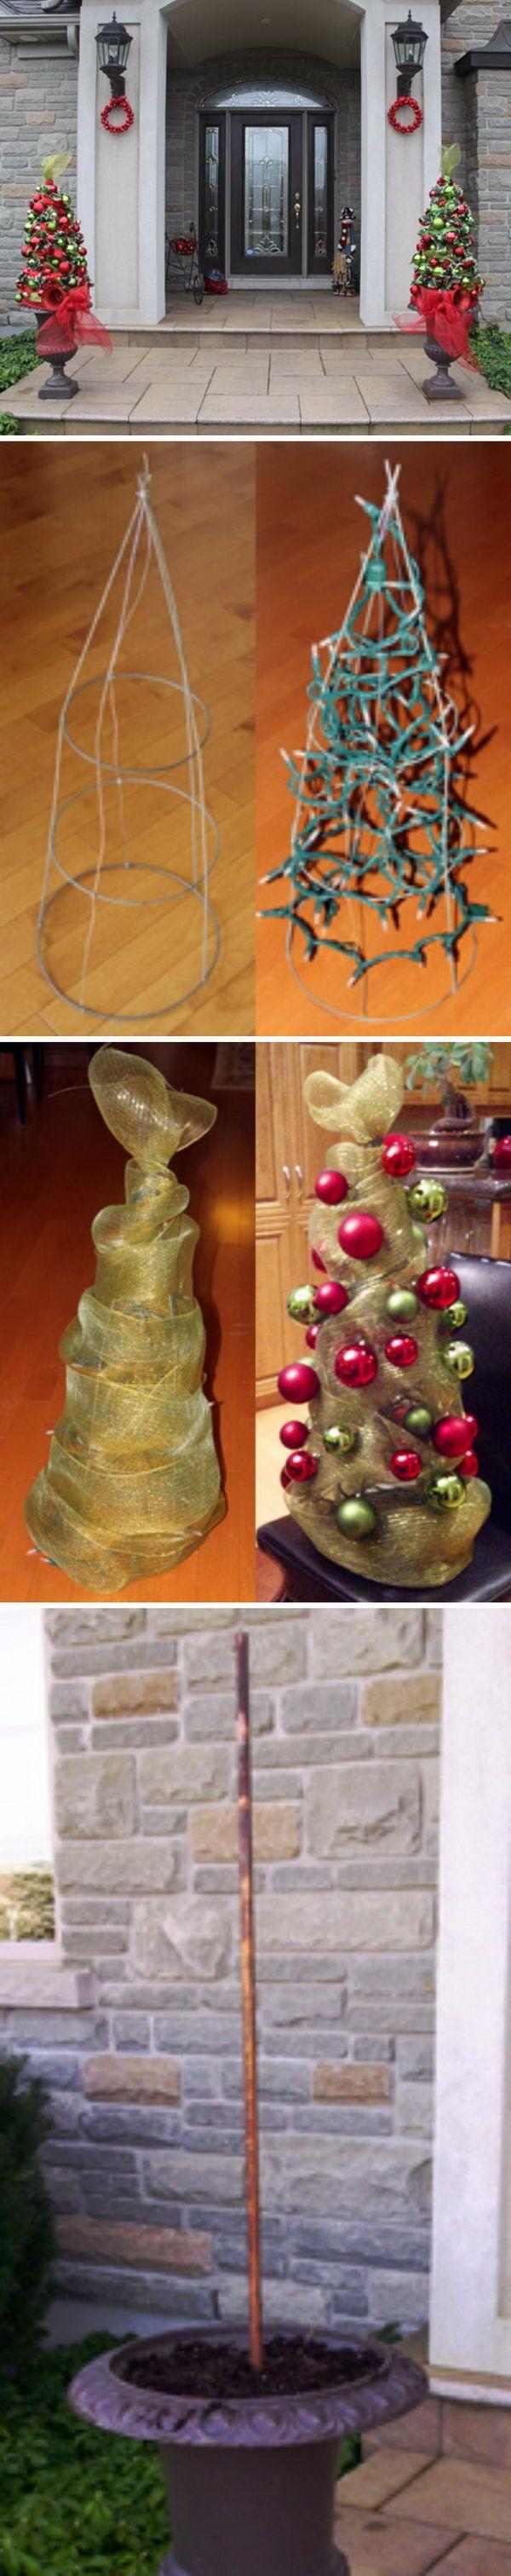 DIY Tomato Cage Christmas Tree Topiary.